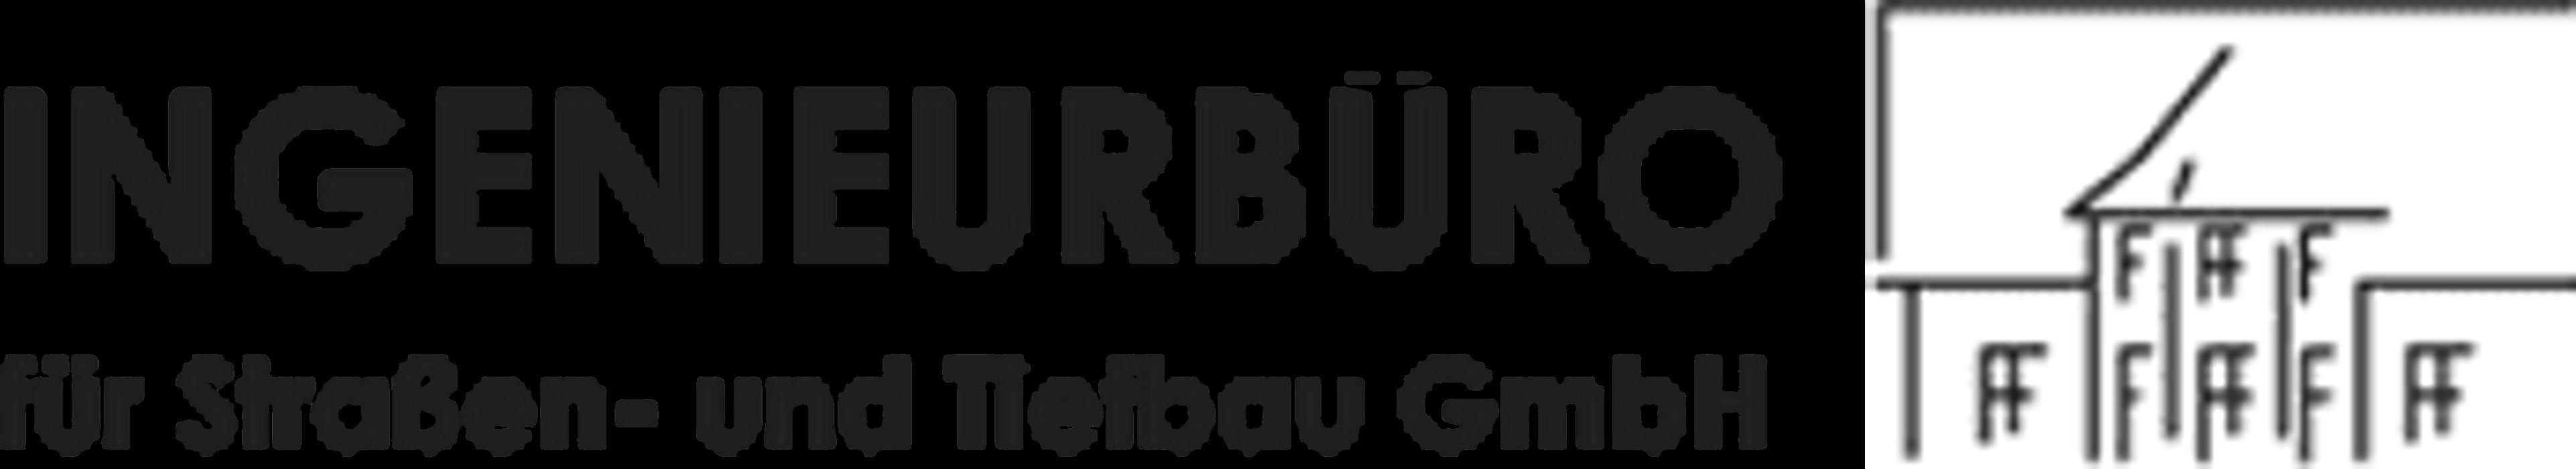 Bild zu INGENIEURBÜRO für Straßen- und Tiefbau GmbH in Everswinkel